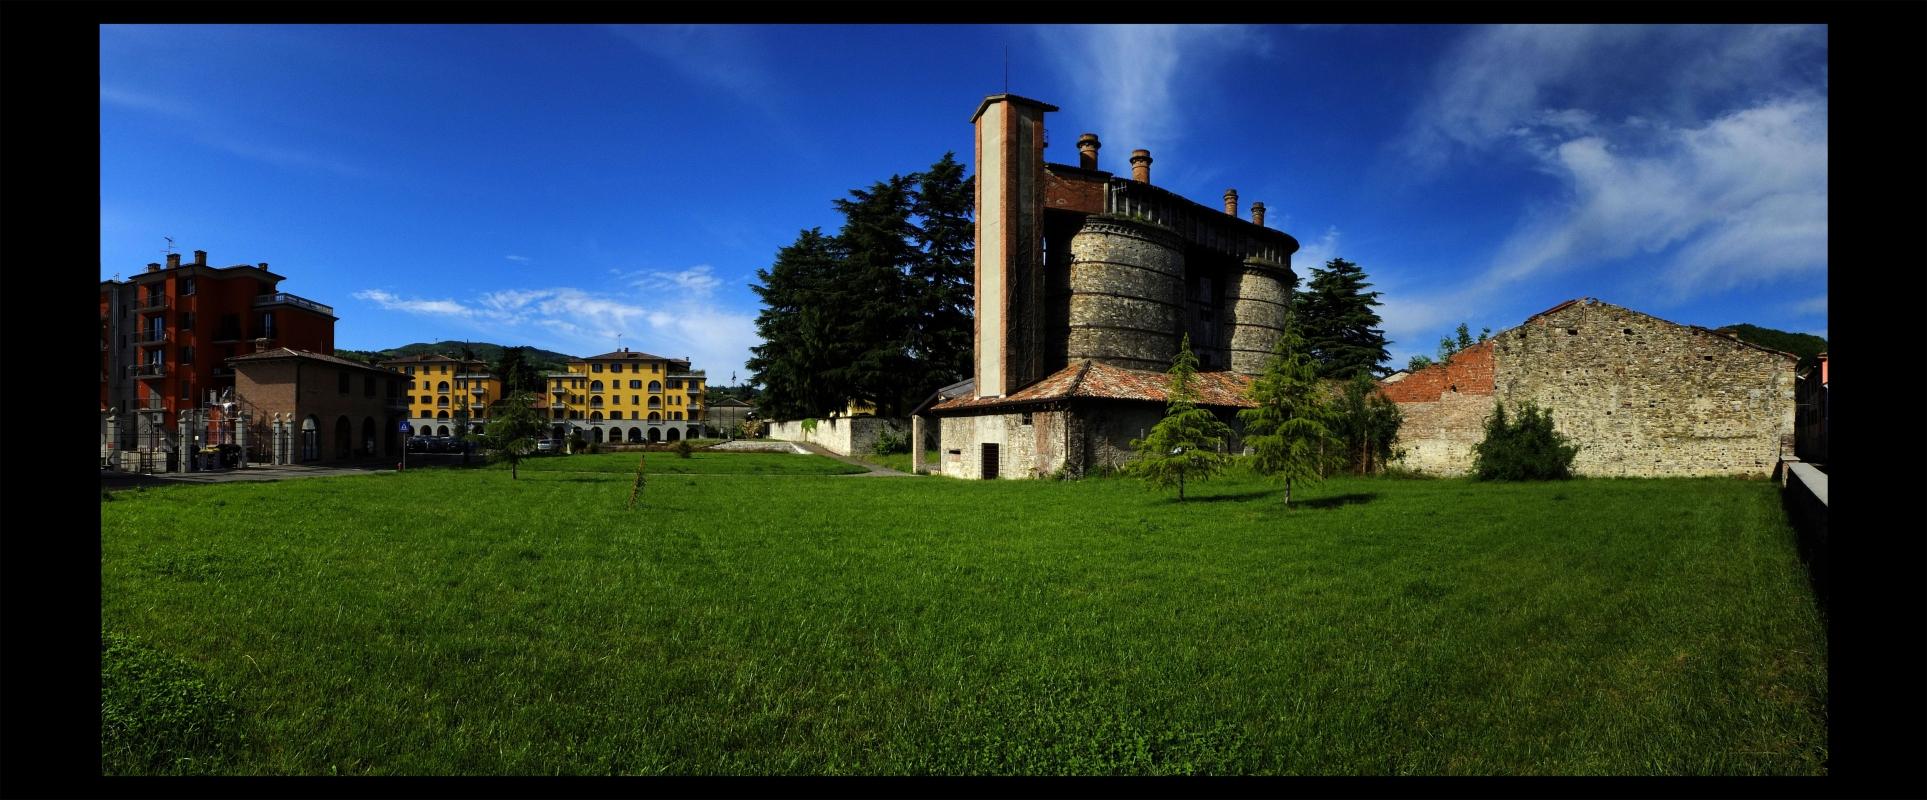 Fornaci Cementirossi 3 - Davide Ceresa - Ponte dell'Olio (PC)